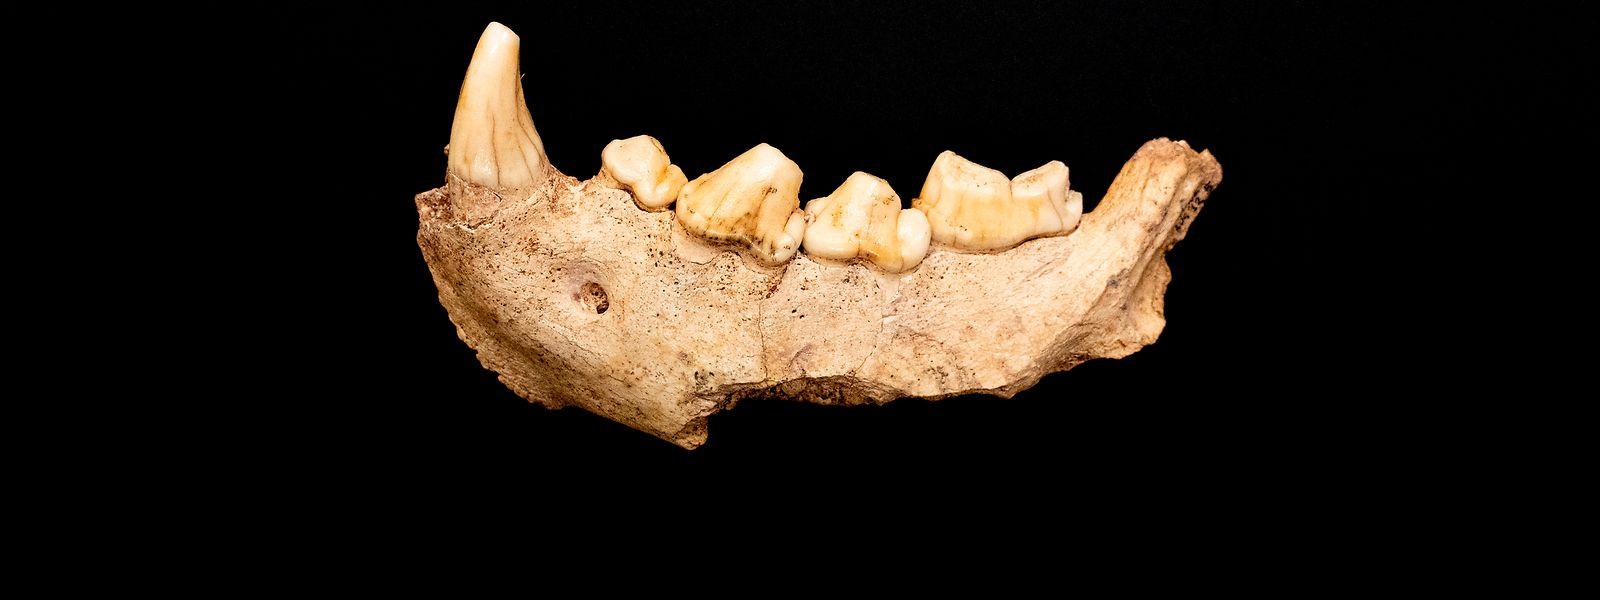 Ein Fund aus der Guattari-Höhle am Circeo-Berg zwischen Rom und Neapel in Italien aus dem Jahr 2020